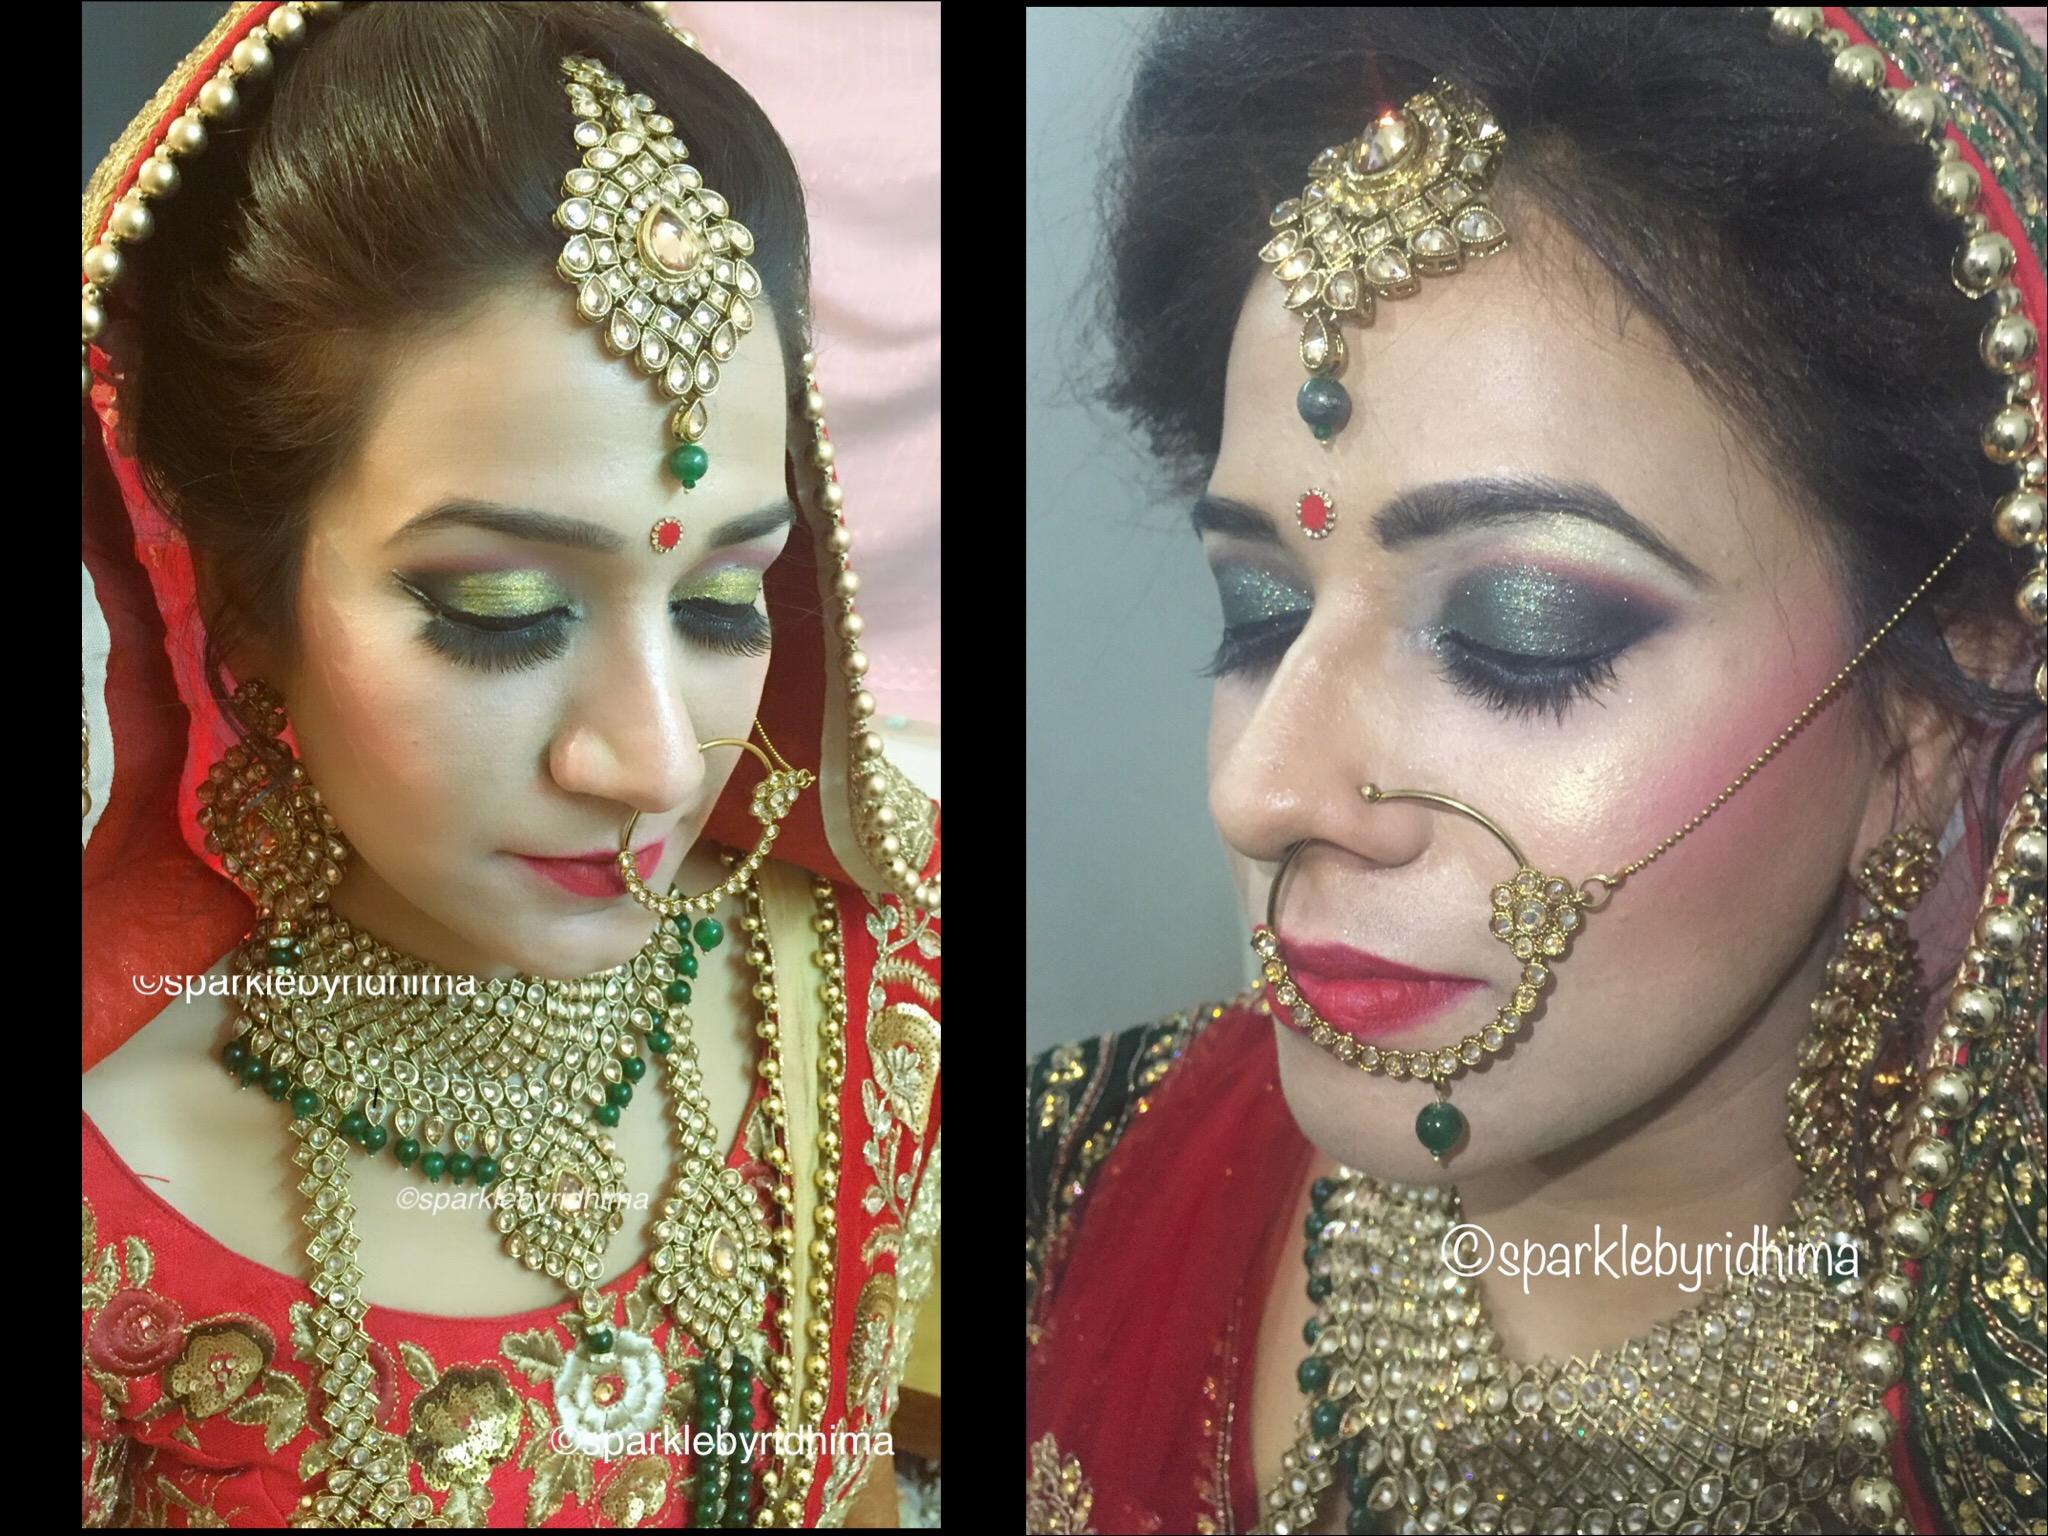 sparkle-by-ridhima-talwar-makeup-artist-makeup-artist-delhi-ncr